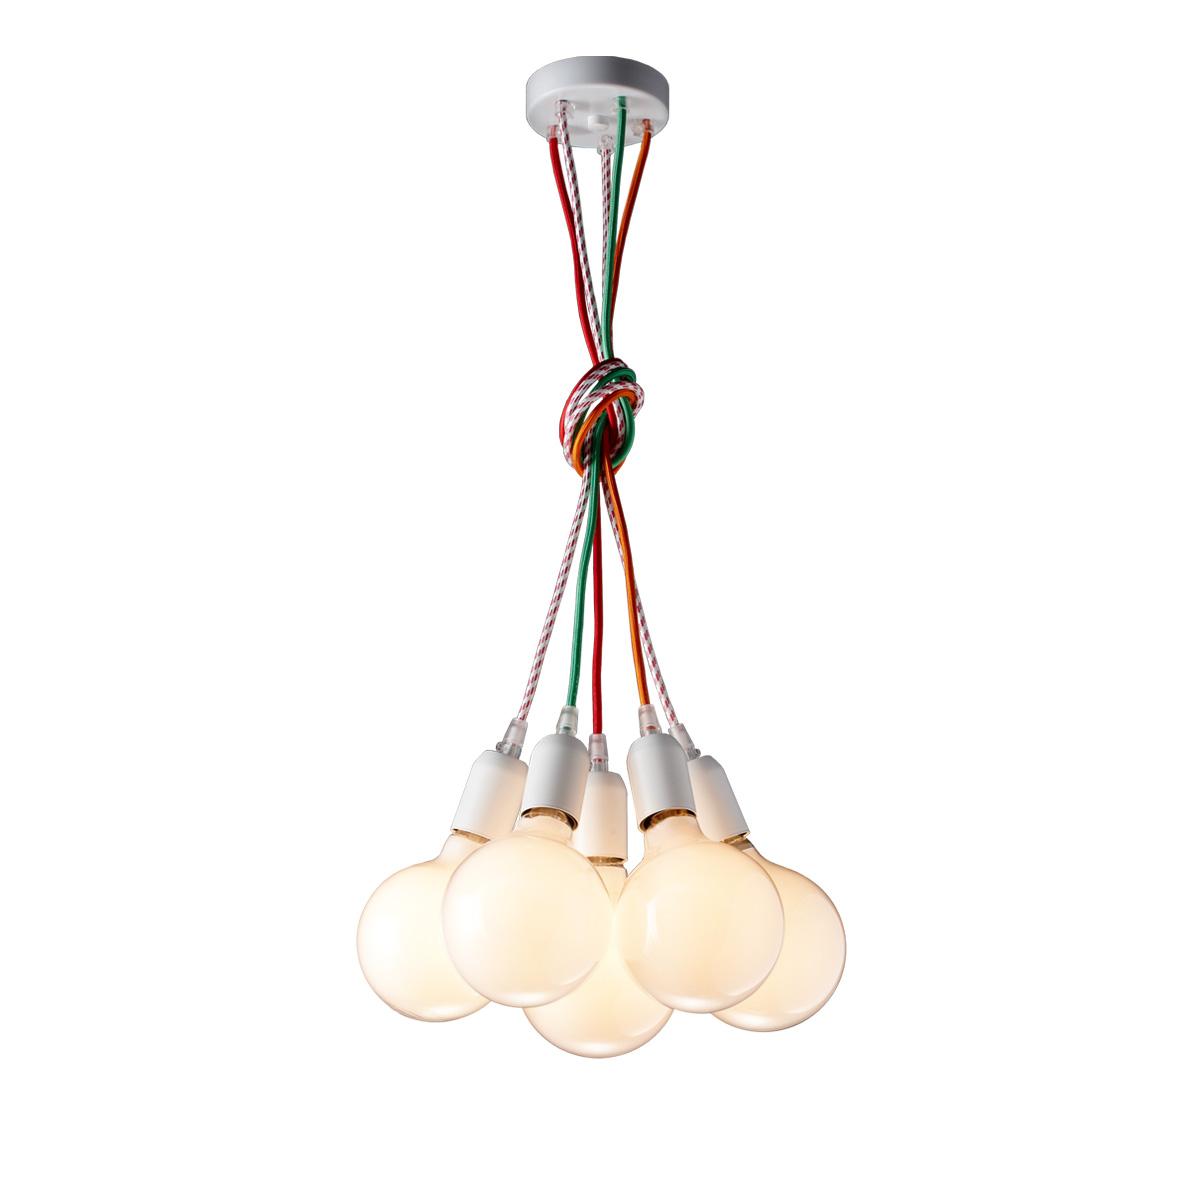 Φωτιστικό με πολύχρωμα καλώδια ΚΑΛΩΔΙΑ pendant lamp with colorful cables